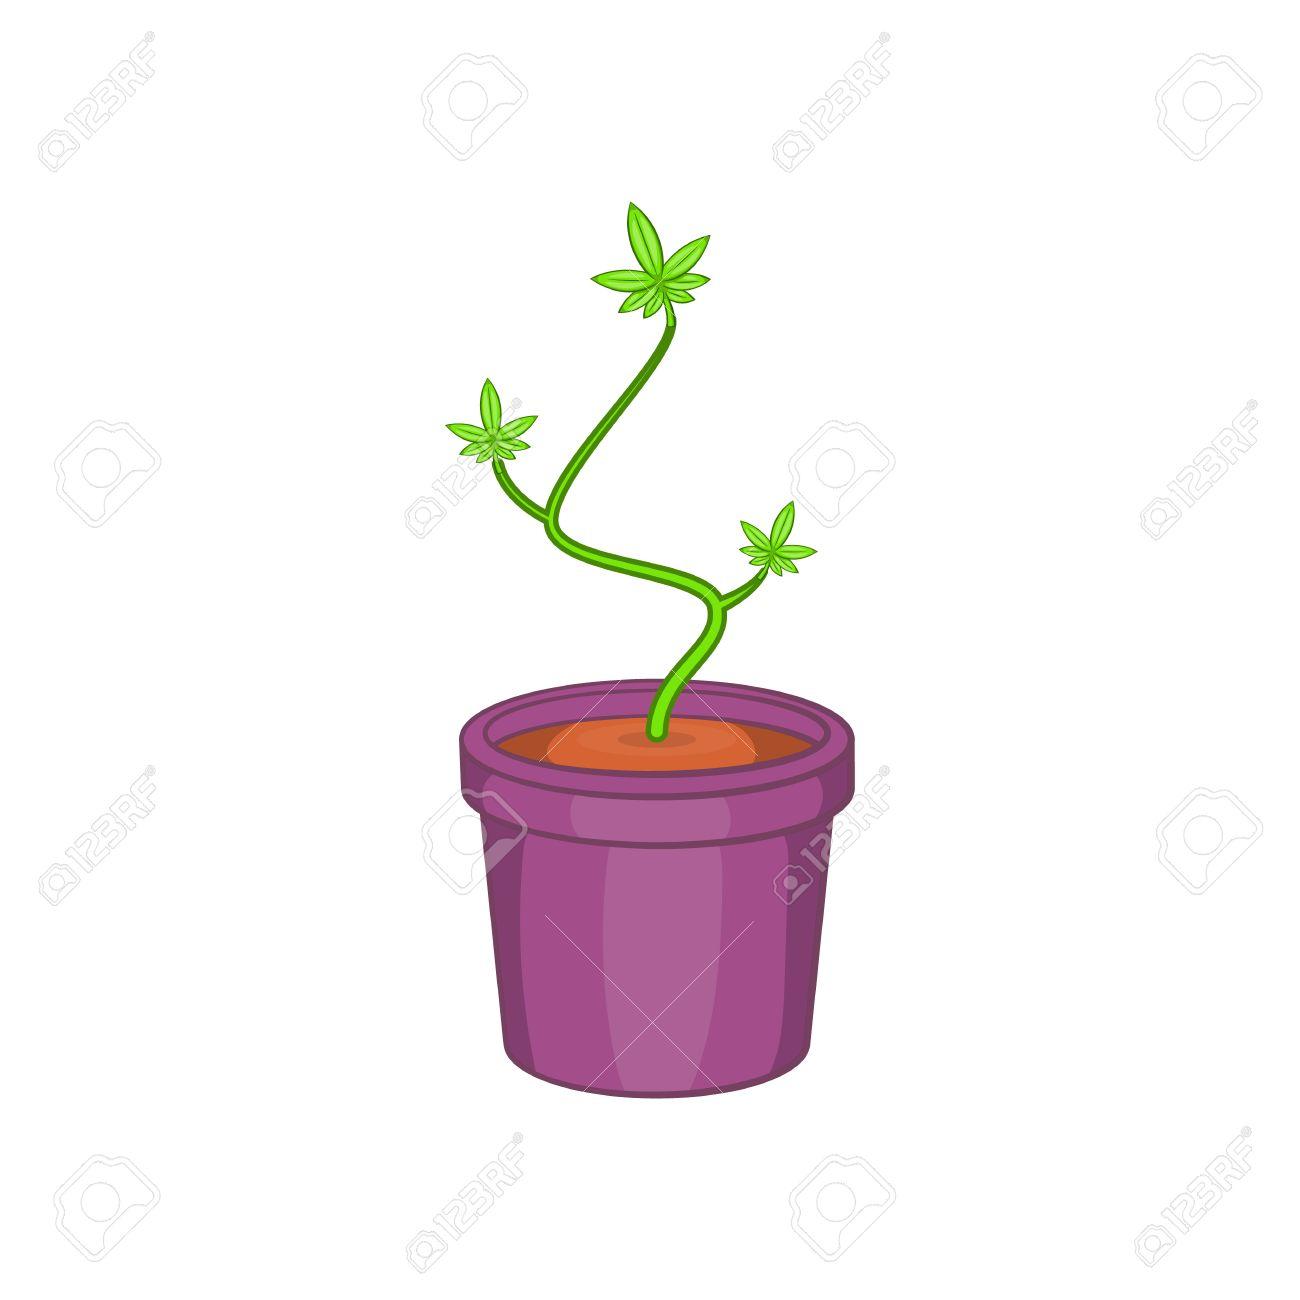 La Marijuana Ou De Cannabis En Pot De Fleur Icone Dans Le Style De